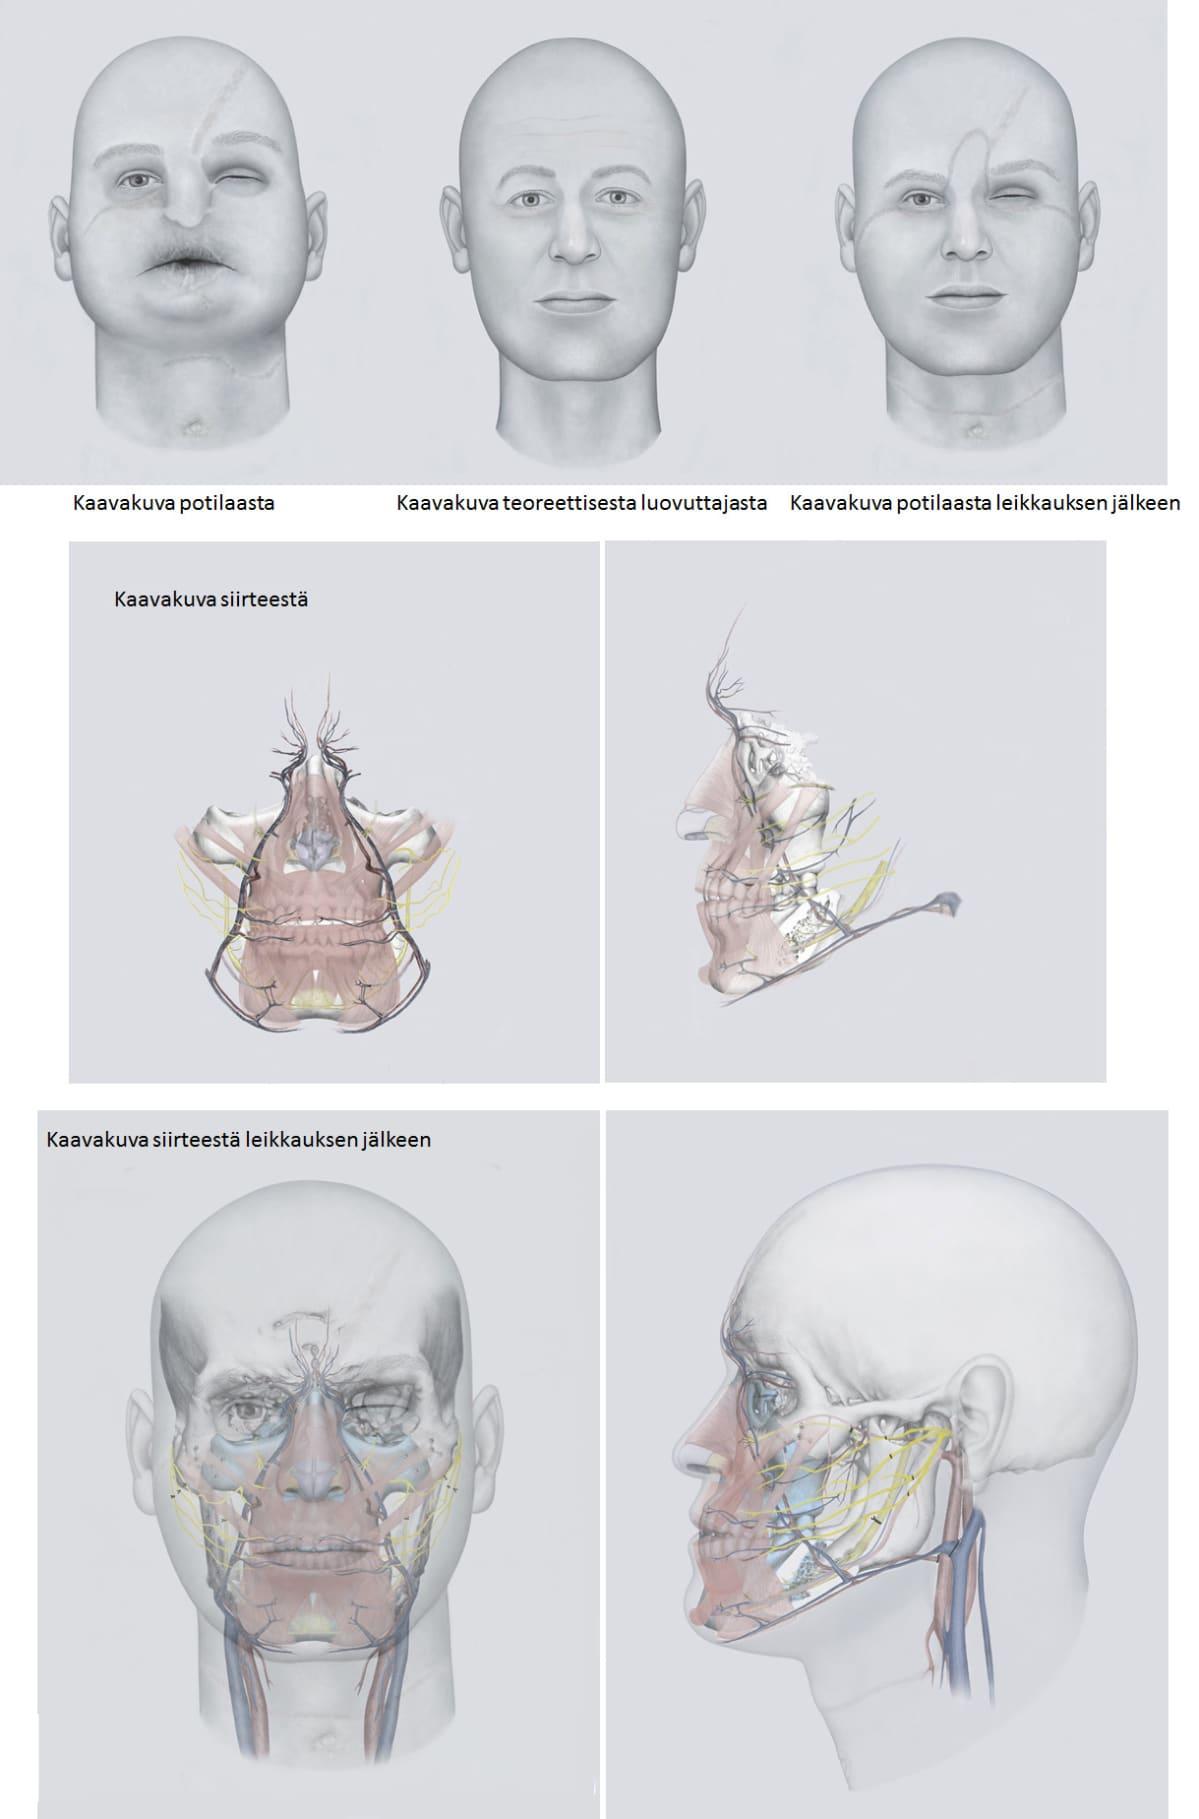 Havainnekuvia HUS:ssa tehdystä kasvojen siirteestä ennen ja jälkeen leikkauksen. Kuva ei esitä potilasta, vaan on piirtäjän näkemys asiasta.